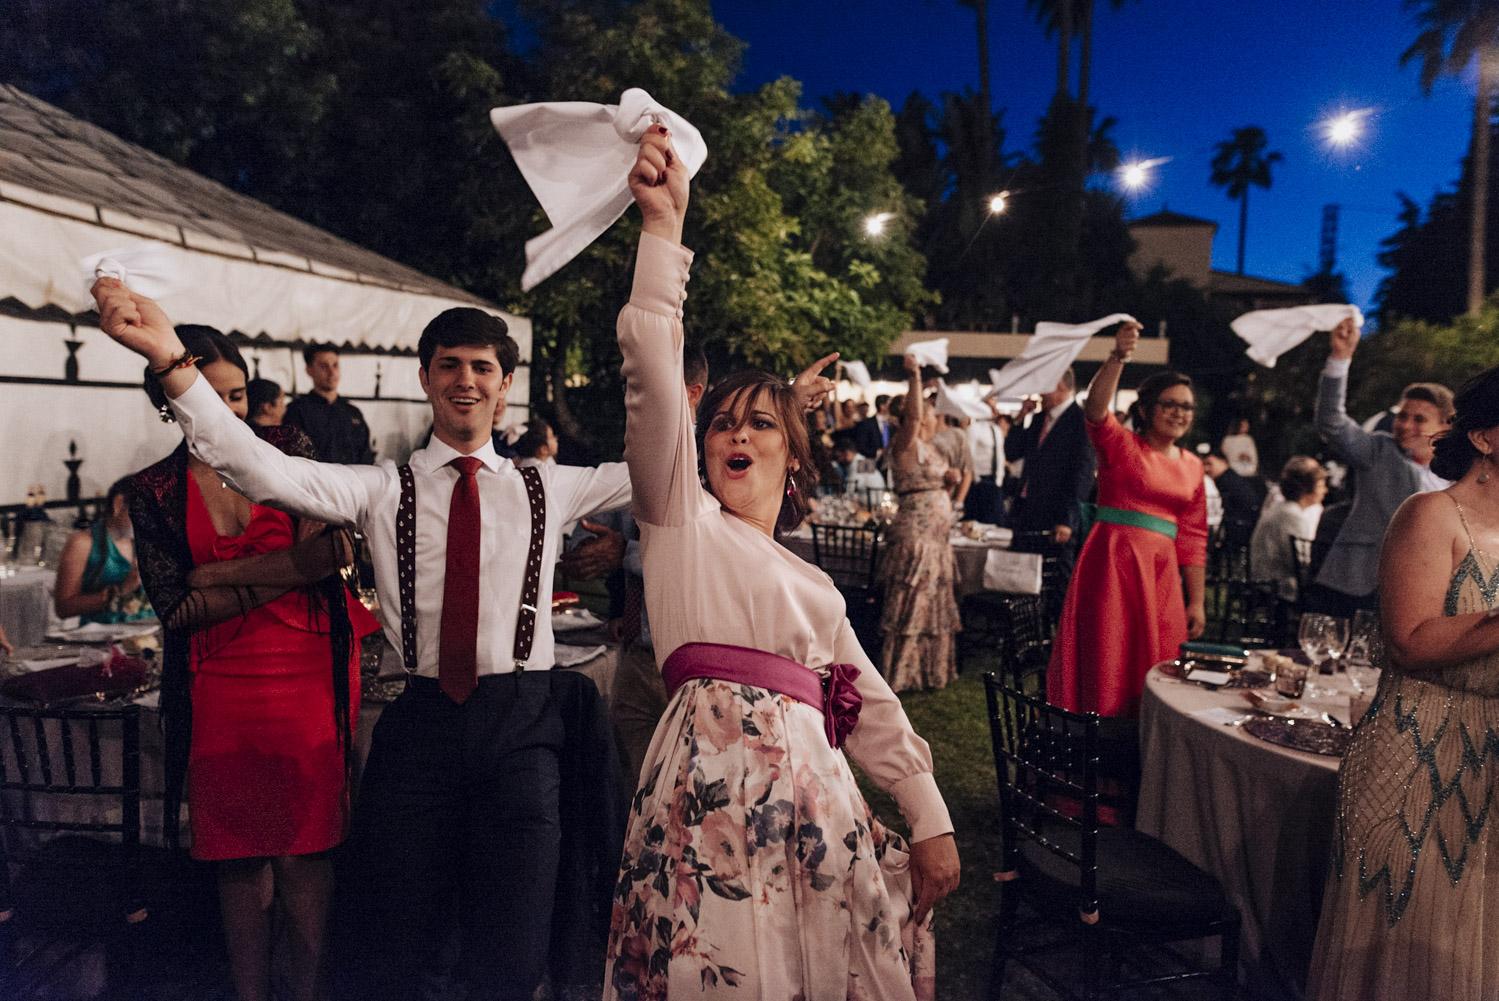 mujer gritando ala entrada de los novios